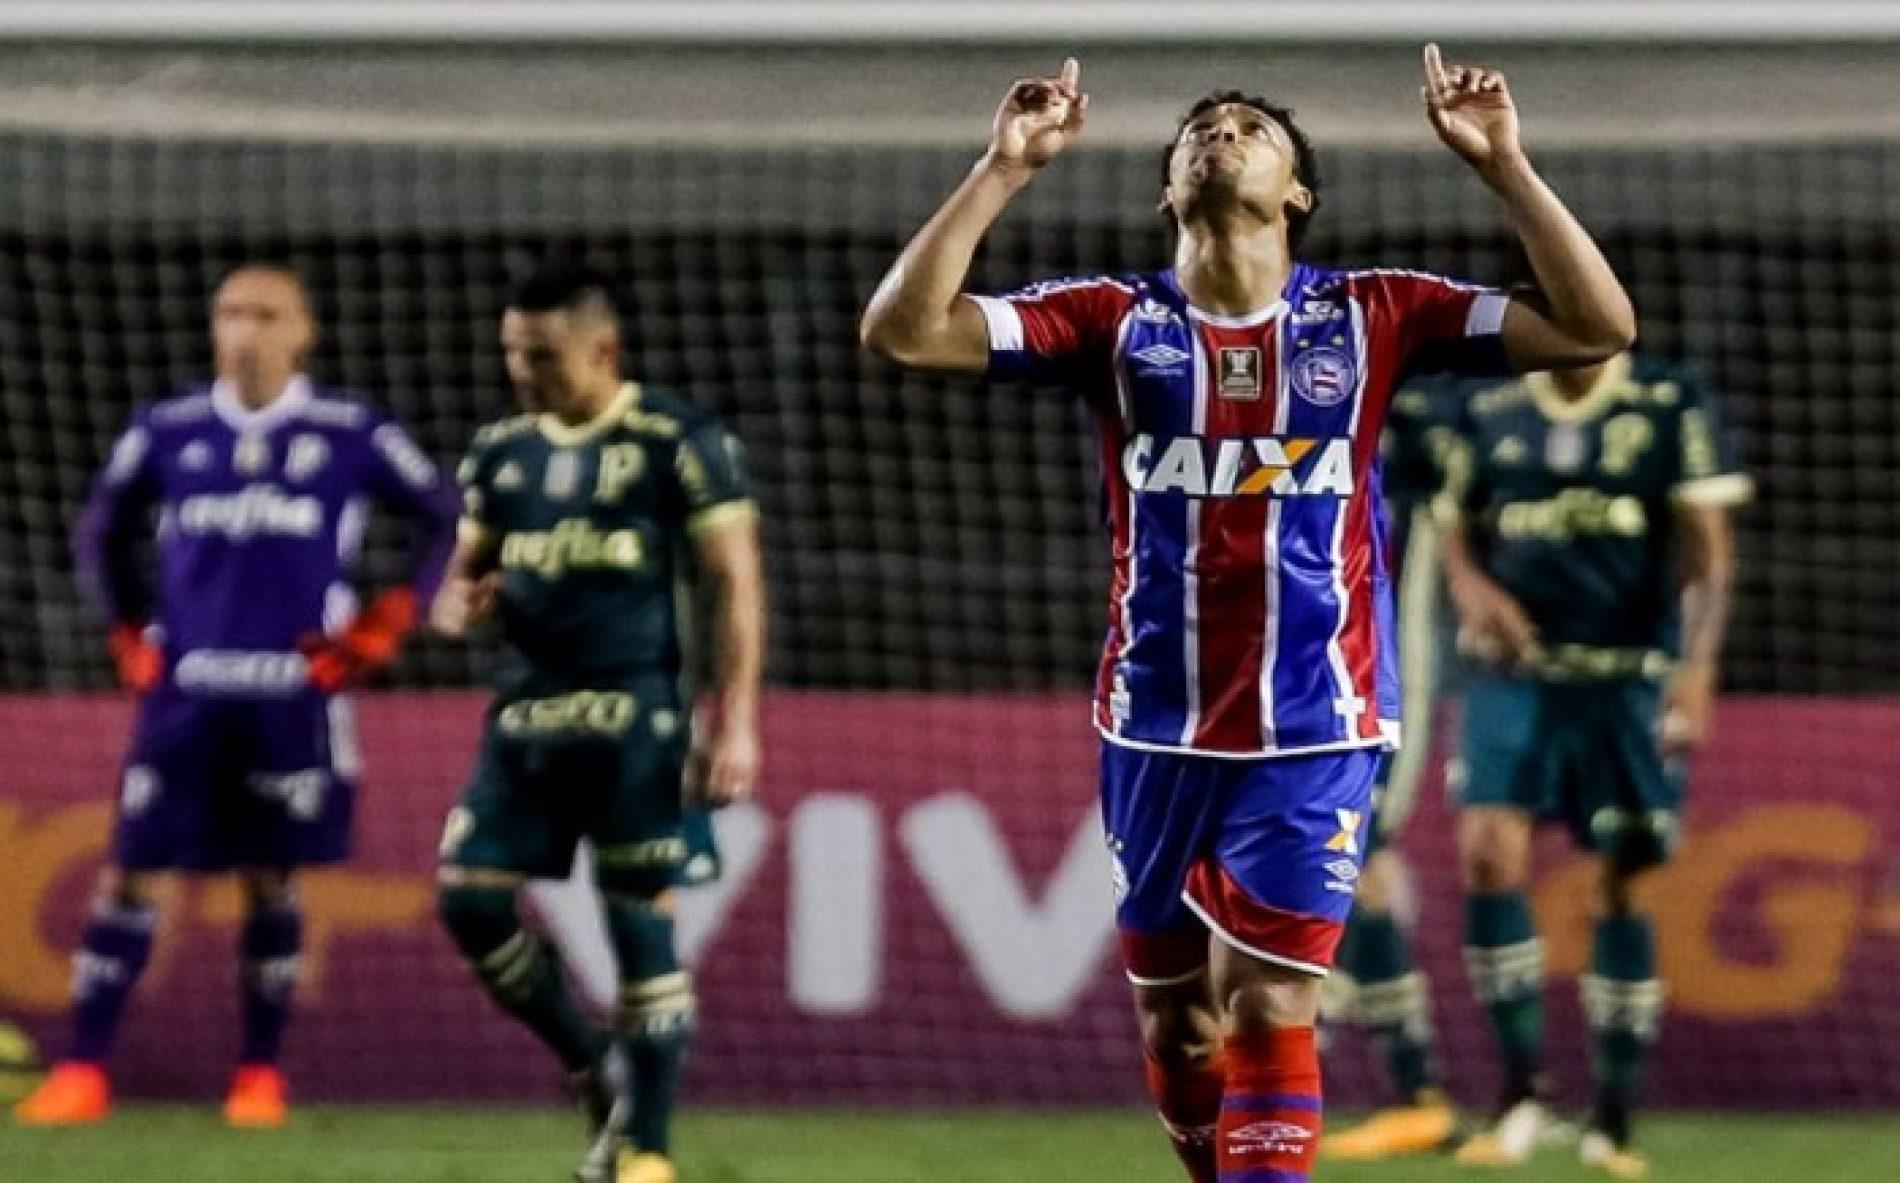 Com dois gols de Edigar Junio, Bahia busca empate contra o Palmeiras